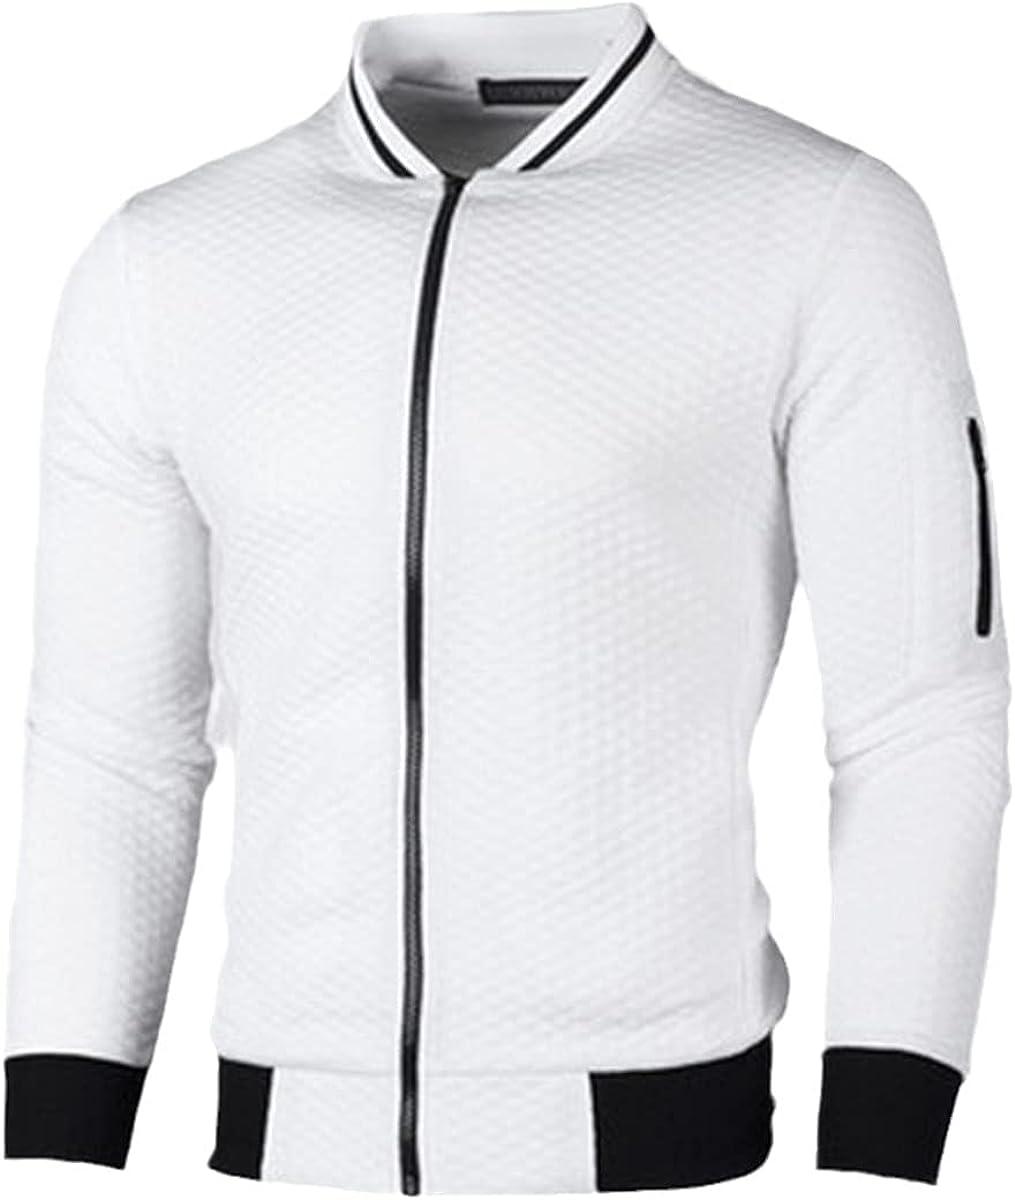 Autumn Men's Jacket Cotton Casual Solid Color Fashion Jacket Jacket Men